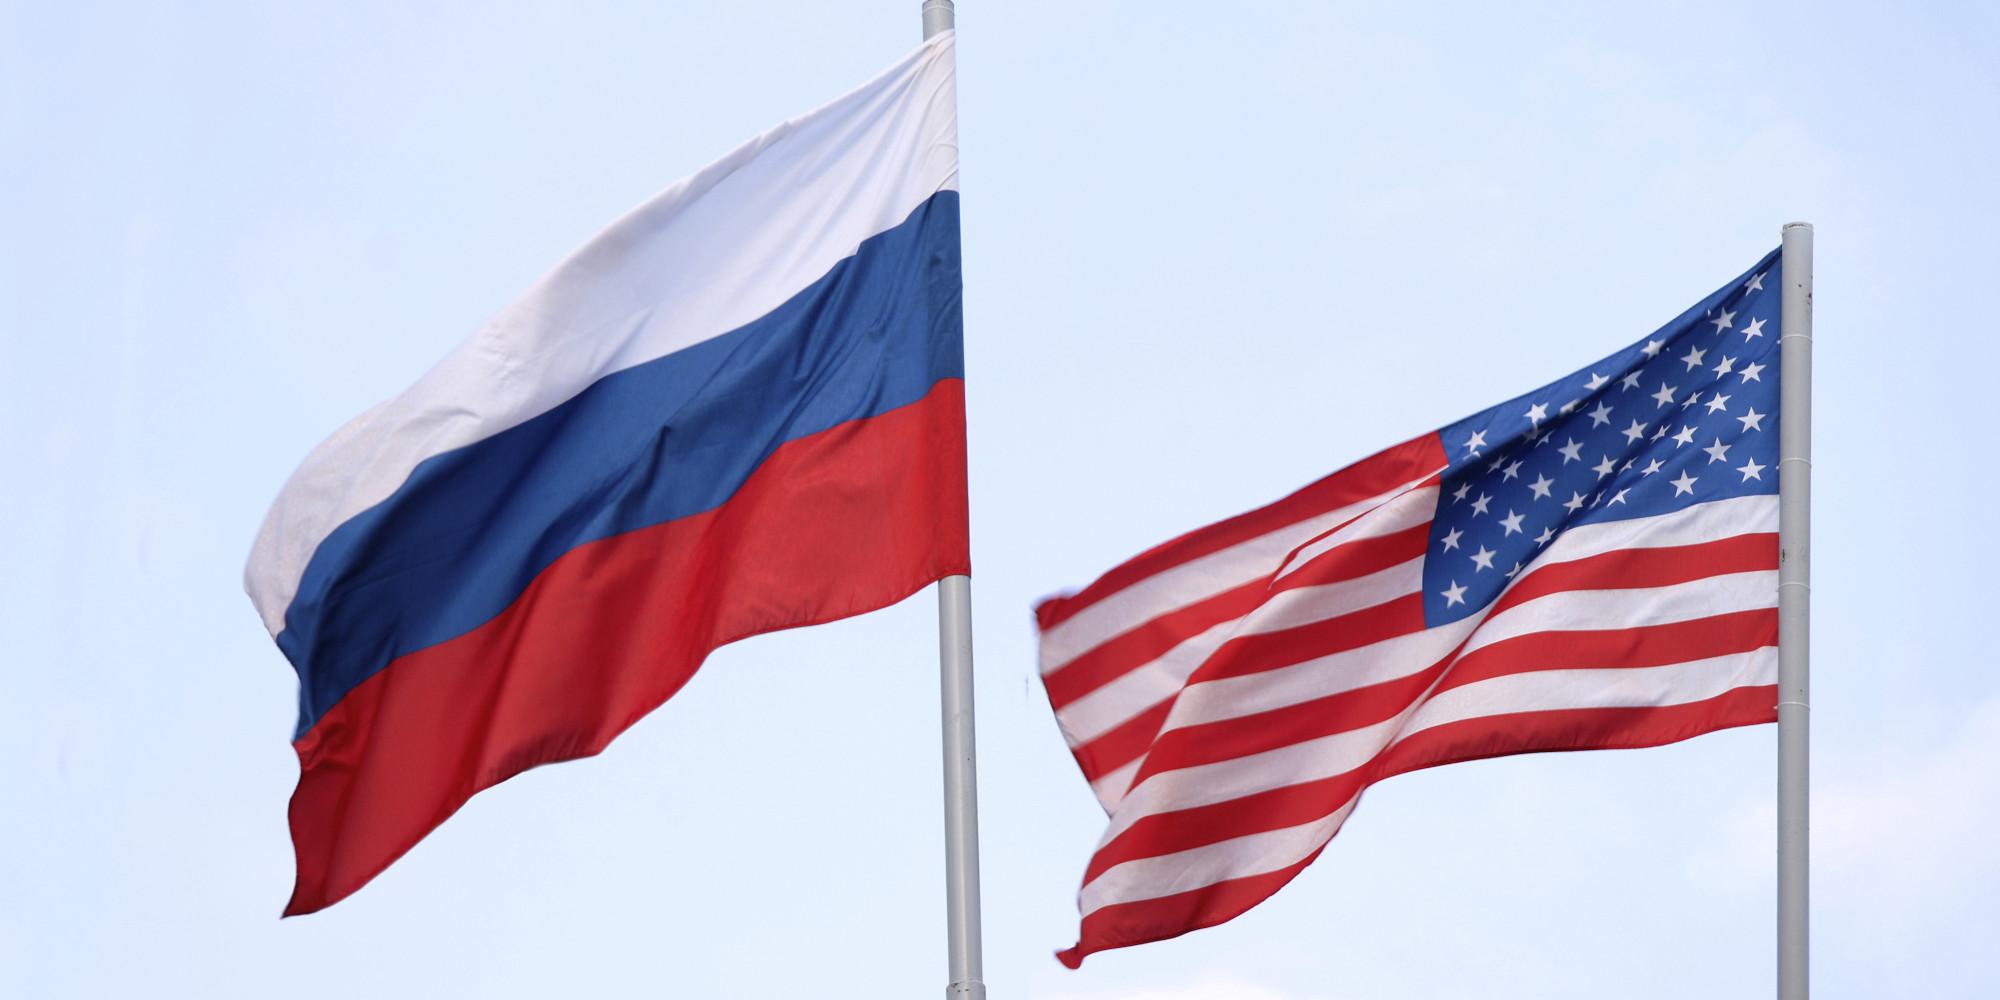 Санкции США против Росии не отменили. Фото: theduran.com